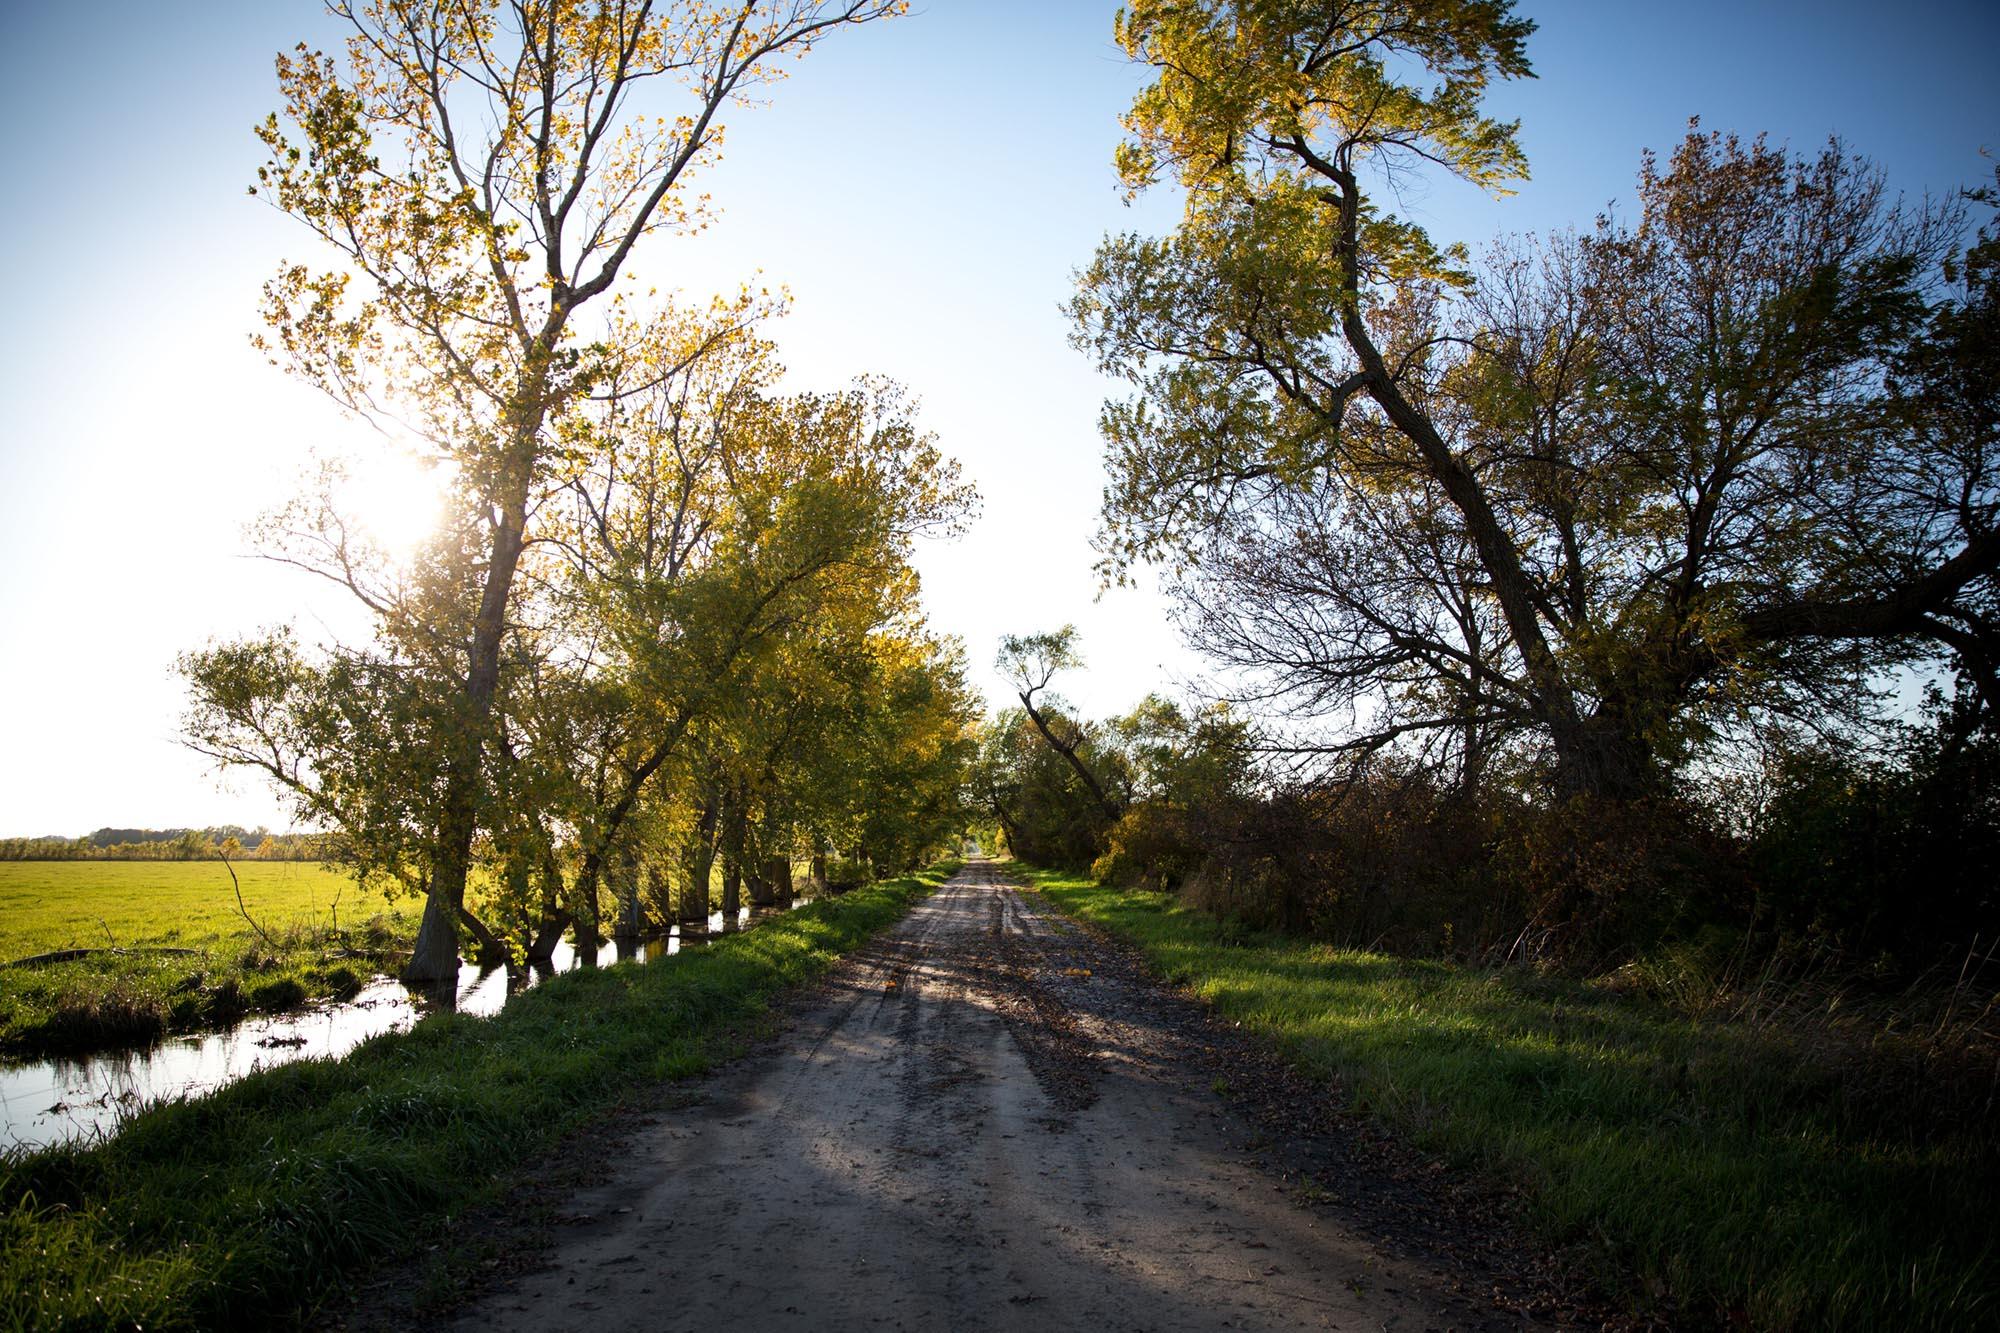 A shelterbelt on Highway 13, south of Plainview, Nebraska.